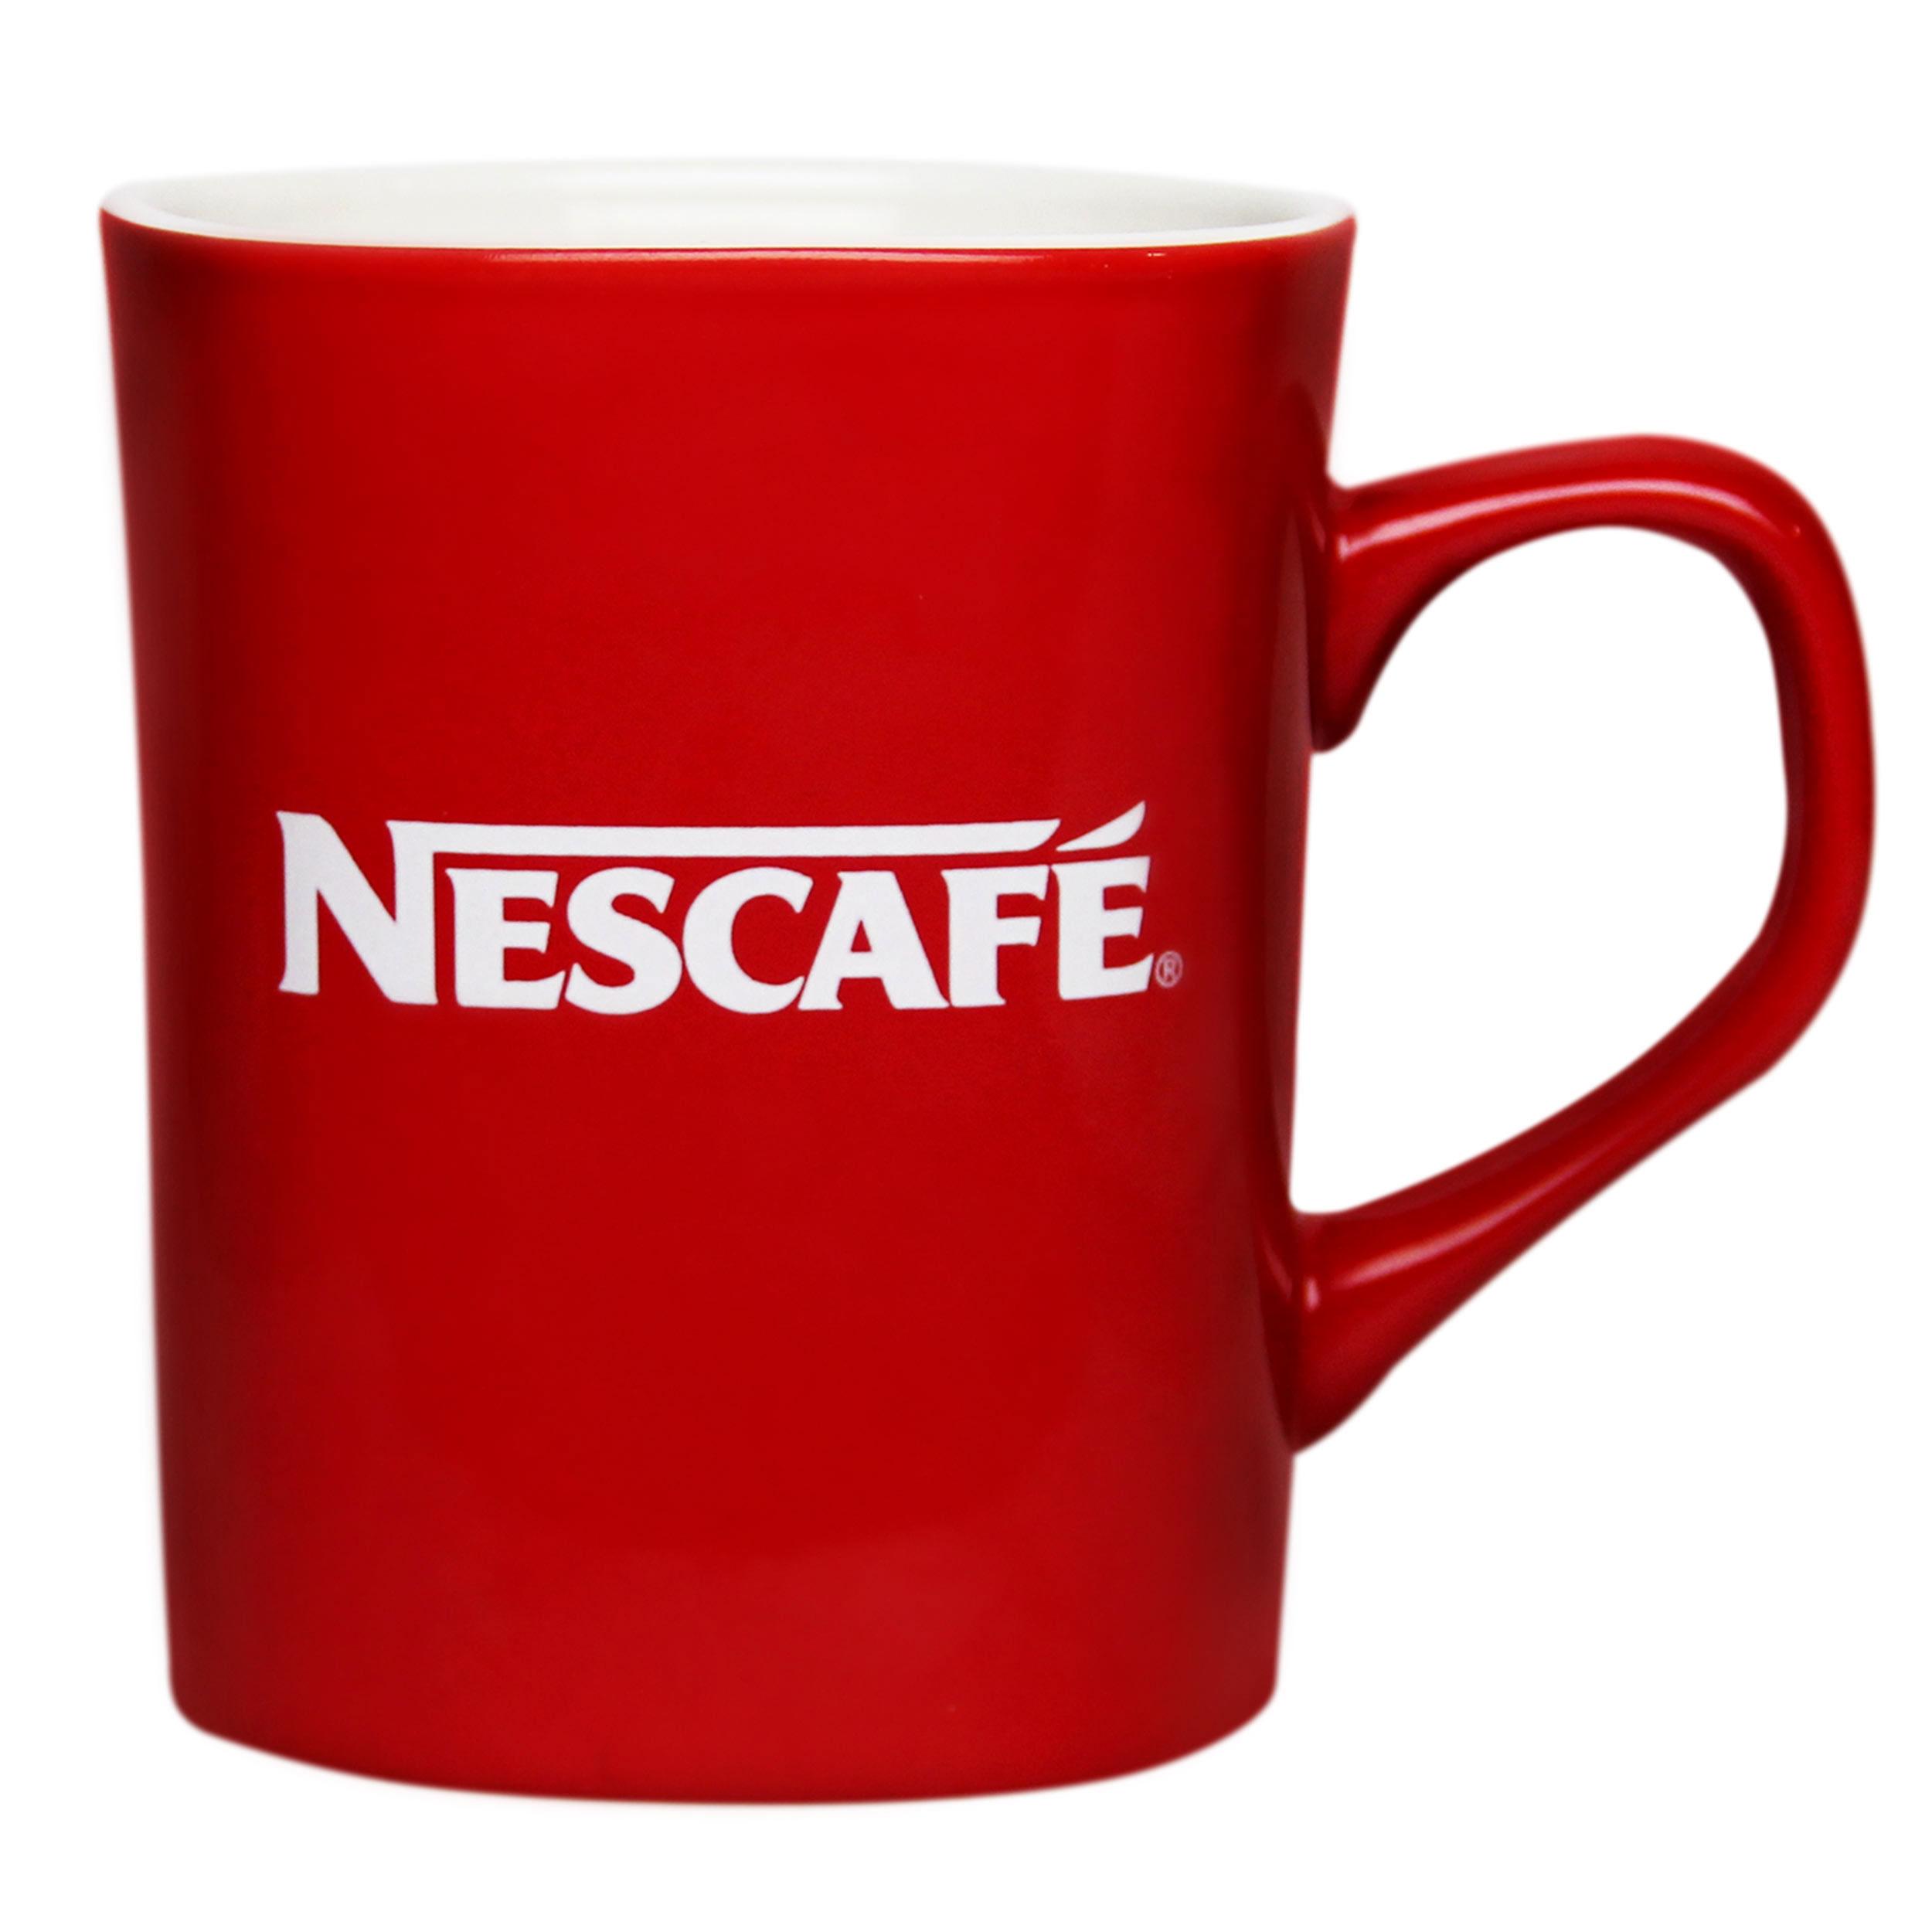 Nescaf 233 Design Cup Mug For Coffee Tea Glass Square